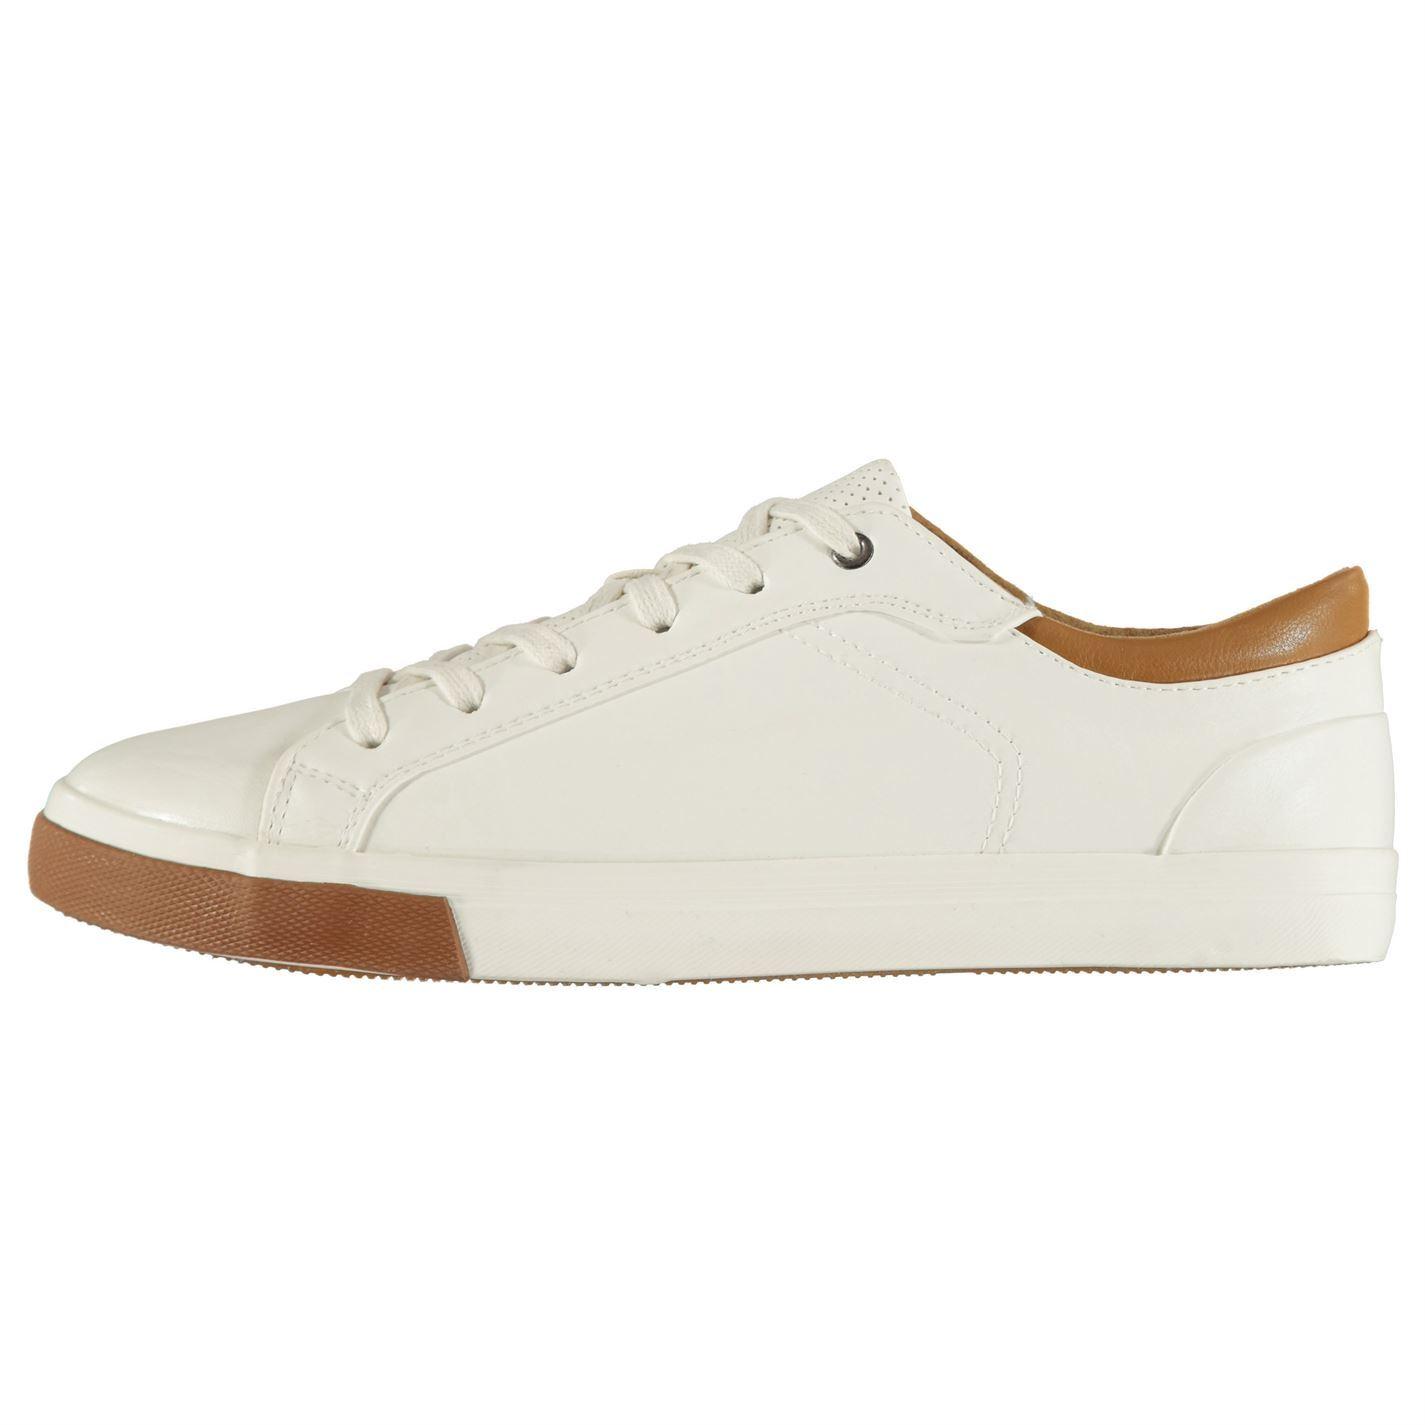 Lee Cooper Dan Mens Trainers Shoes Casual Footwear Sneakers